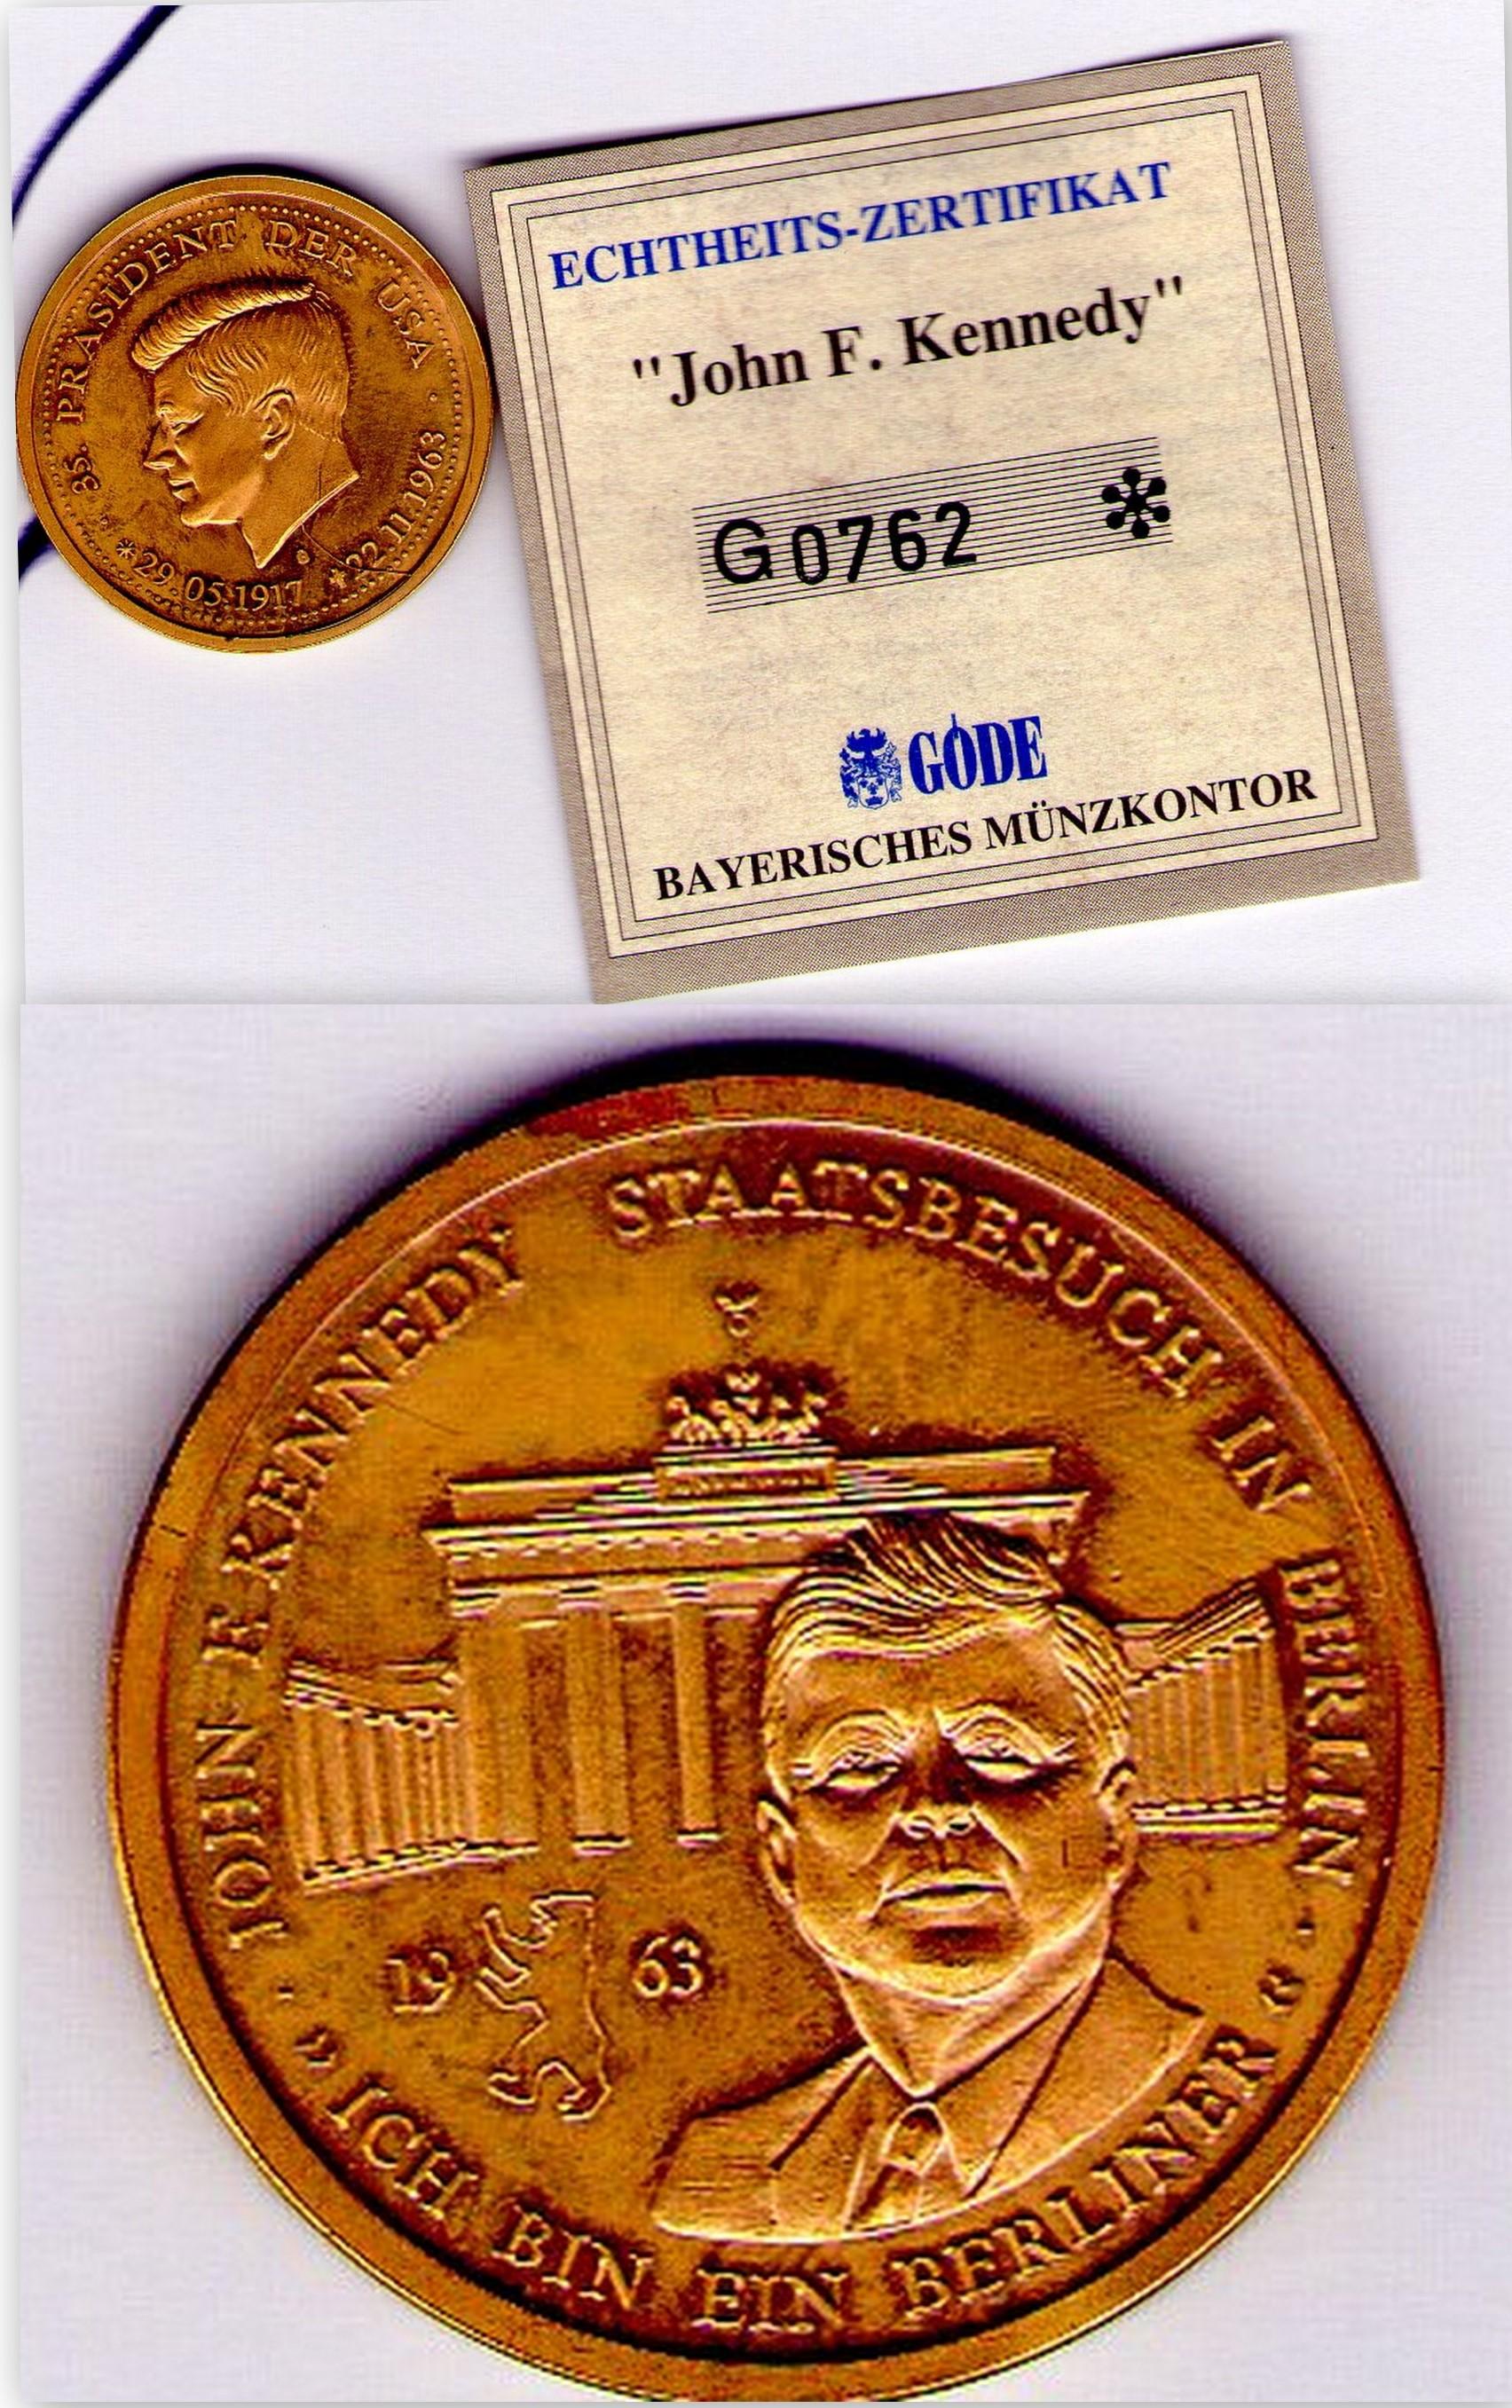 John Kennedy Münze Mit Echtheit Zertifikat In Mainz Sammlungen